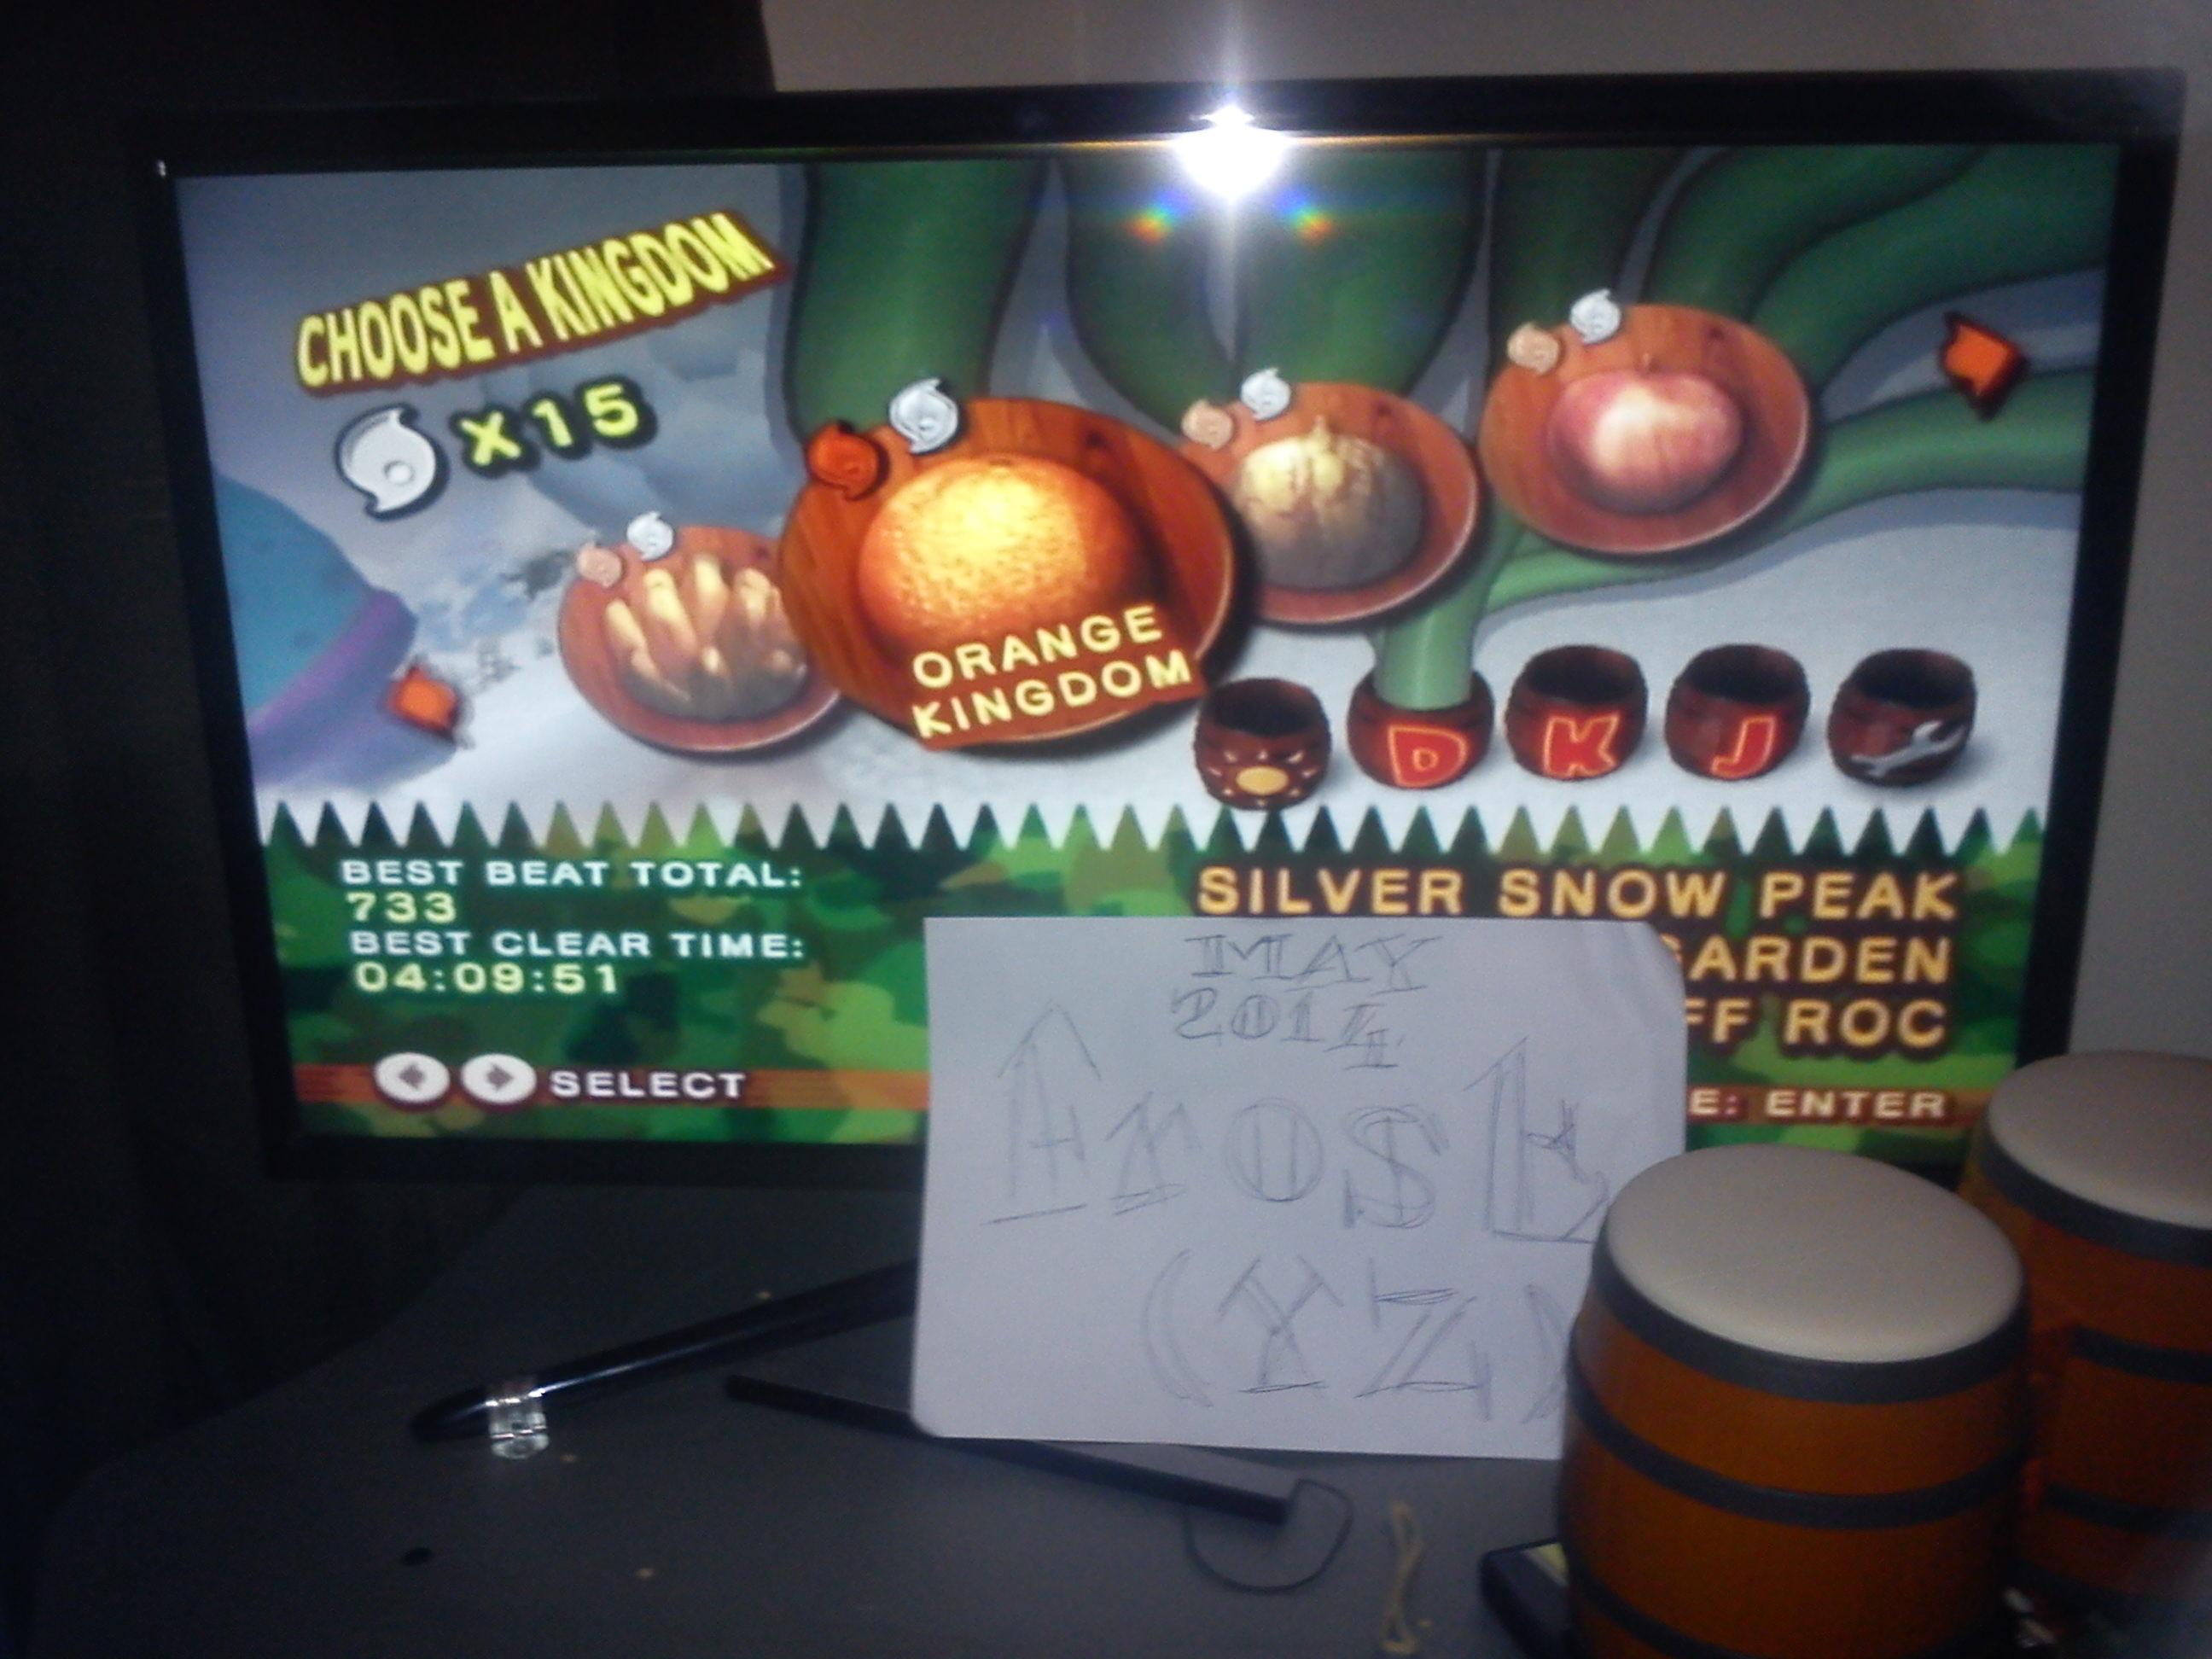 Donkey Kong Jungle Beat: Orange Kingdom [Shortest Time] time of 0:04:09.51